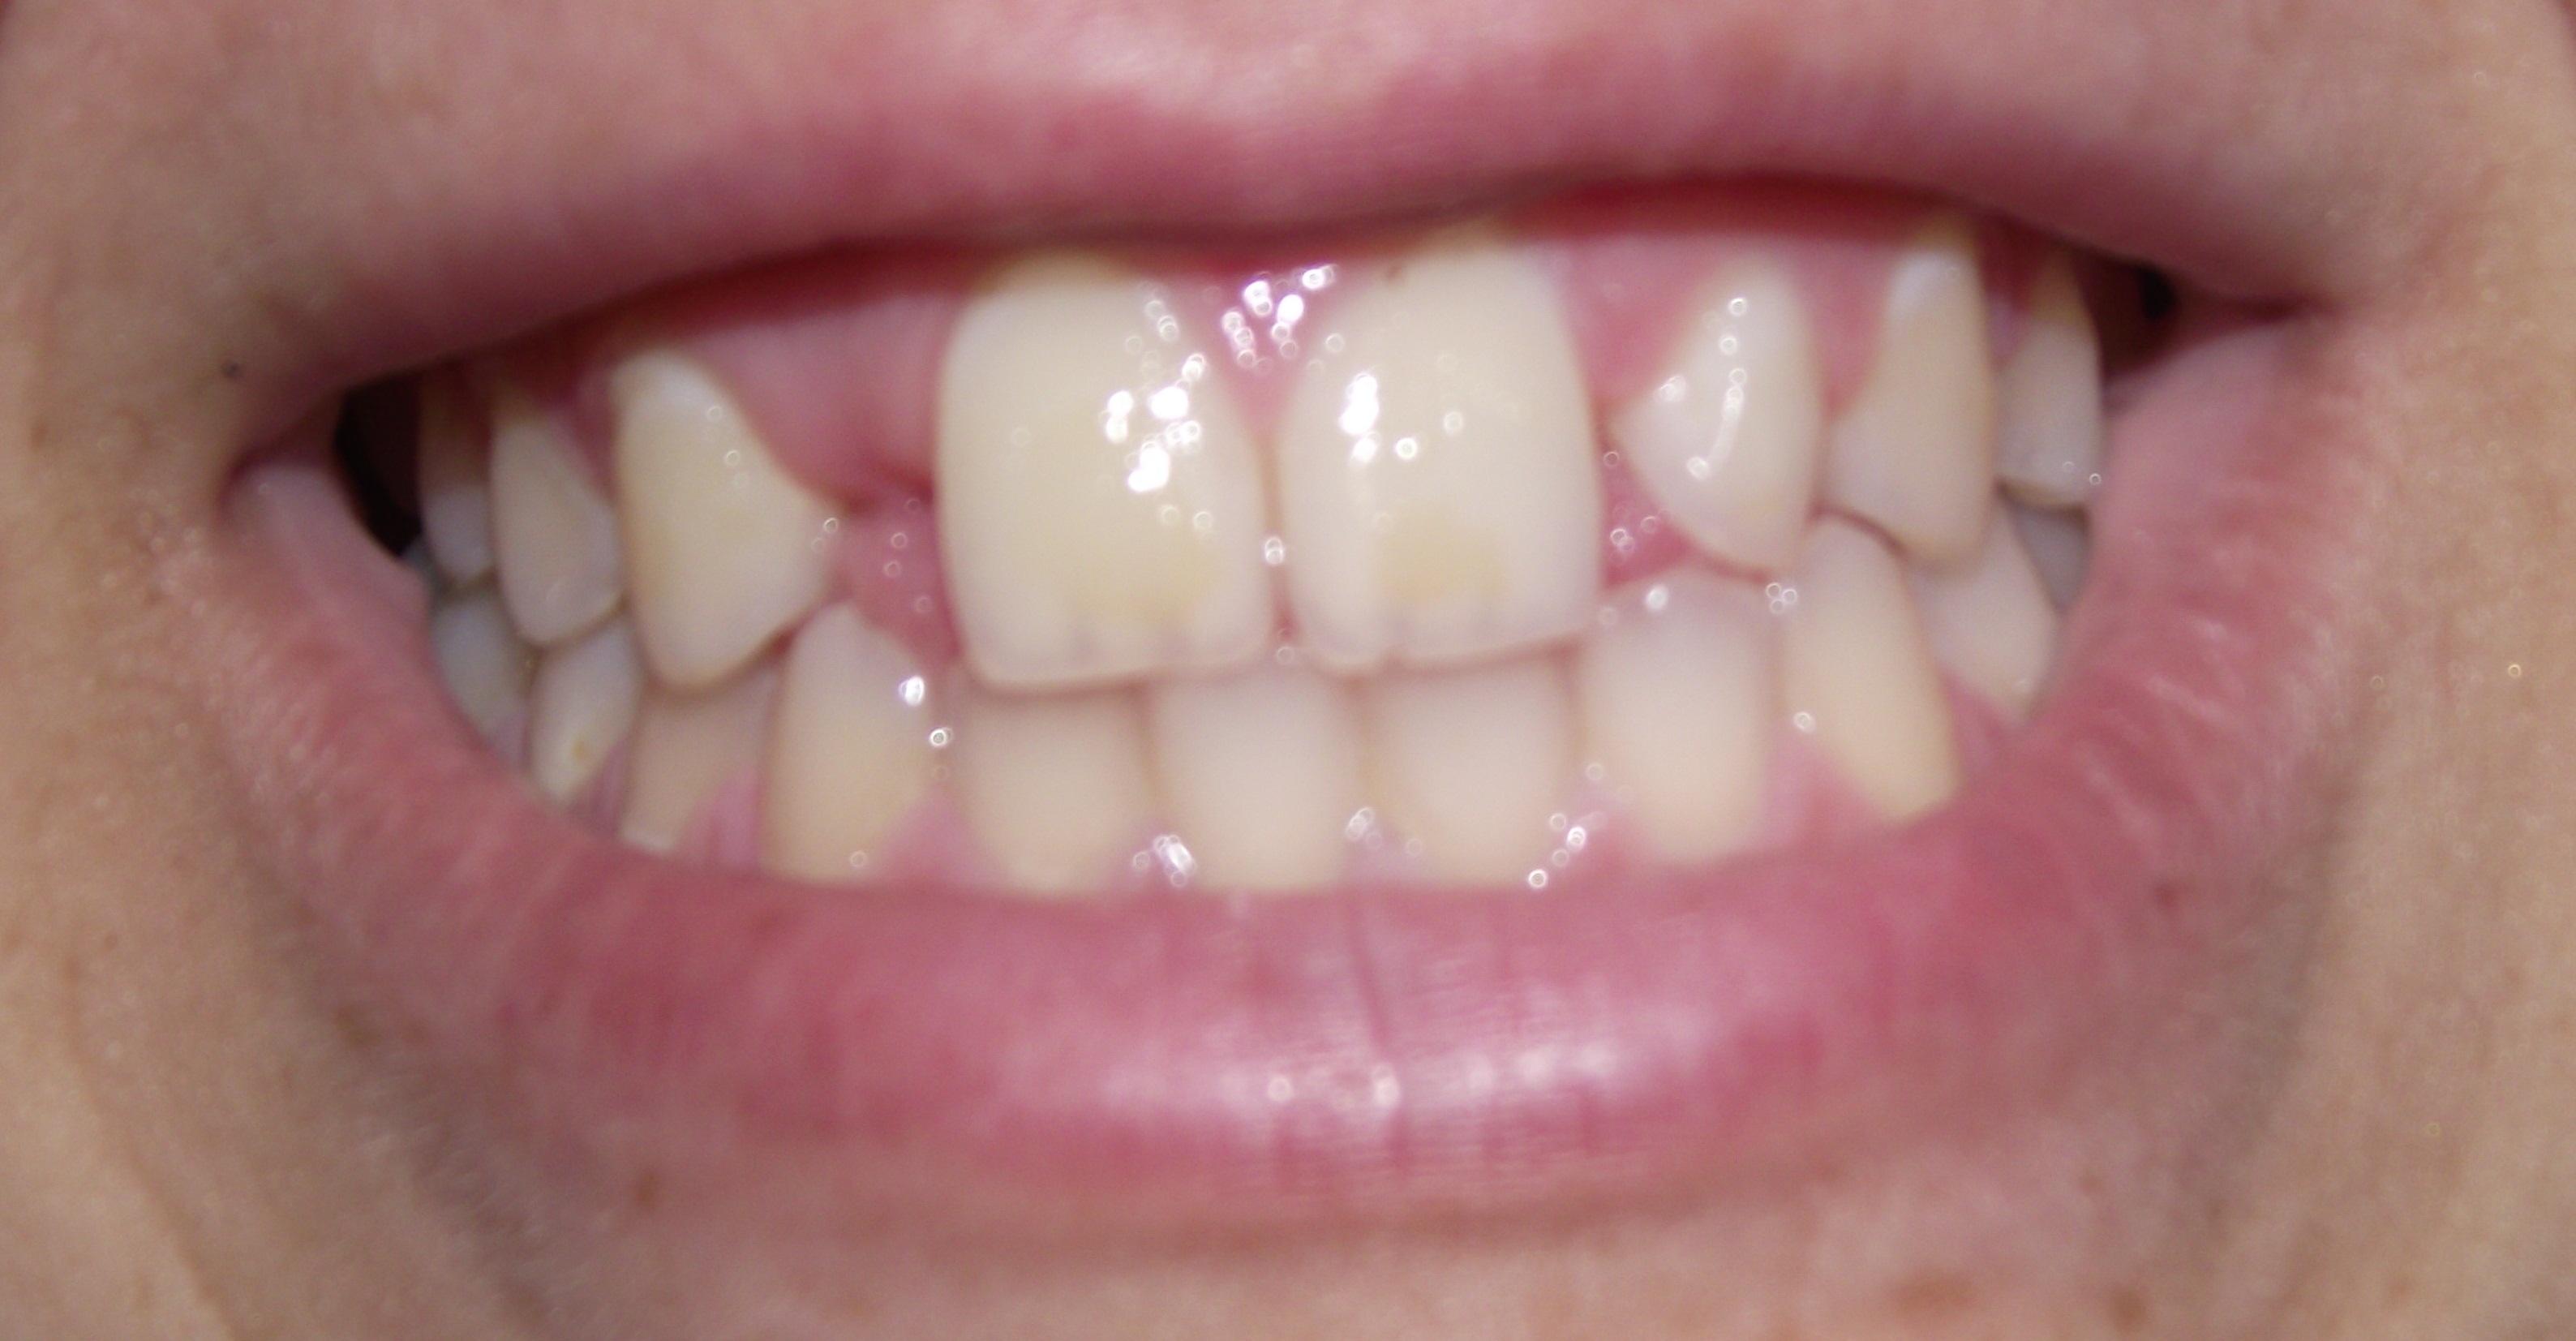 SEGUITO ALLA DOMANDA: Ho 19 anni e devo fare un ponte dentale